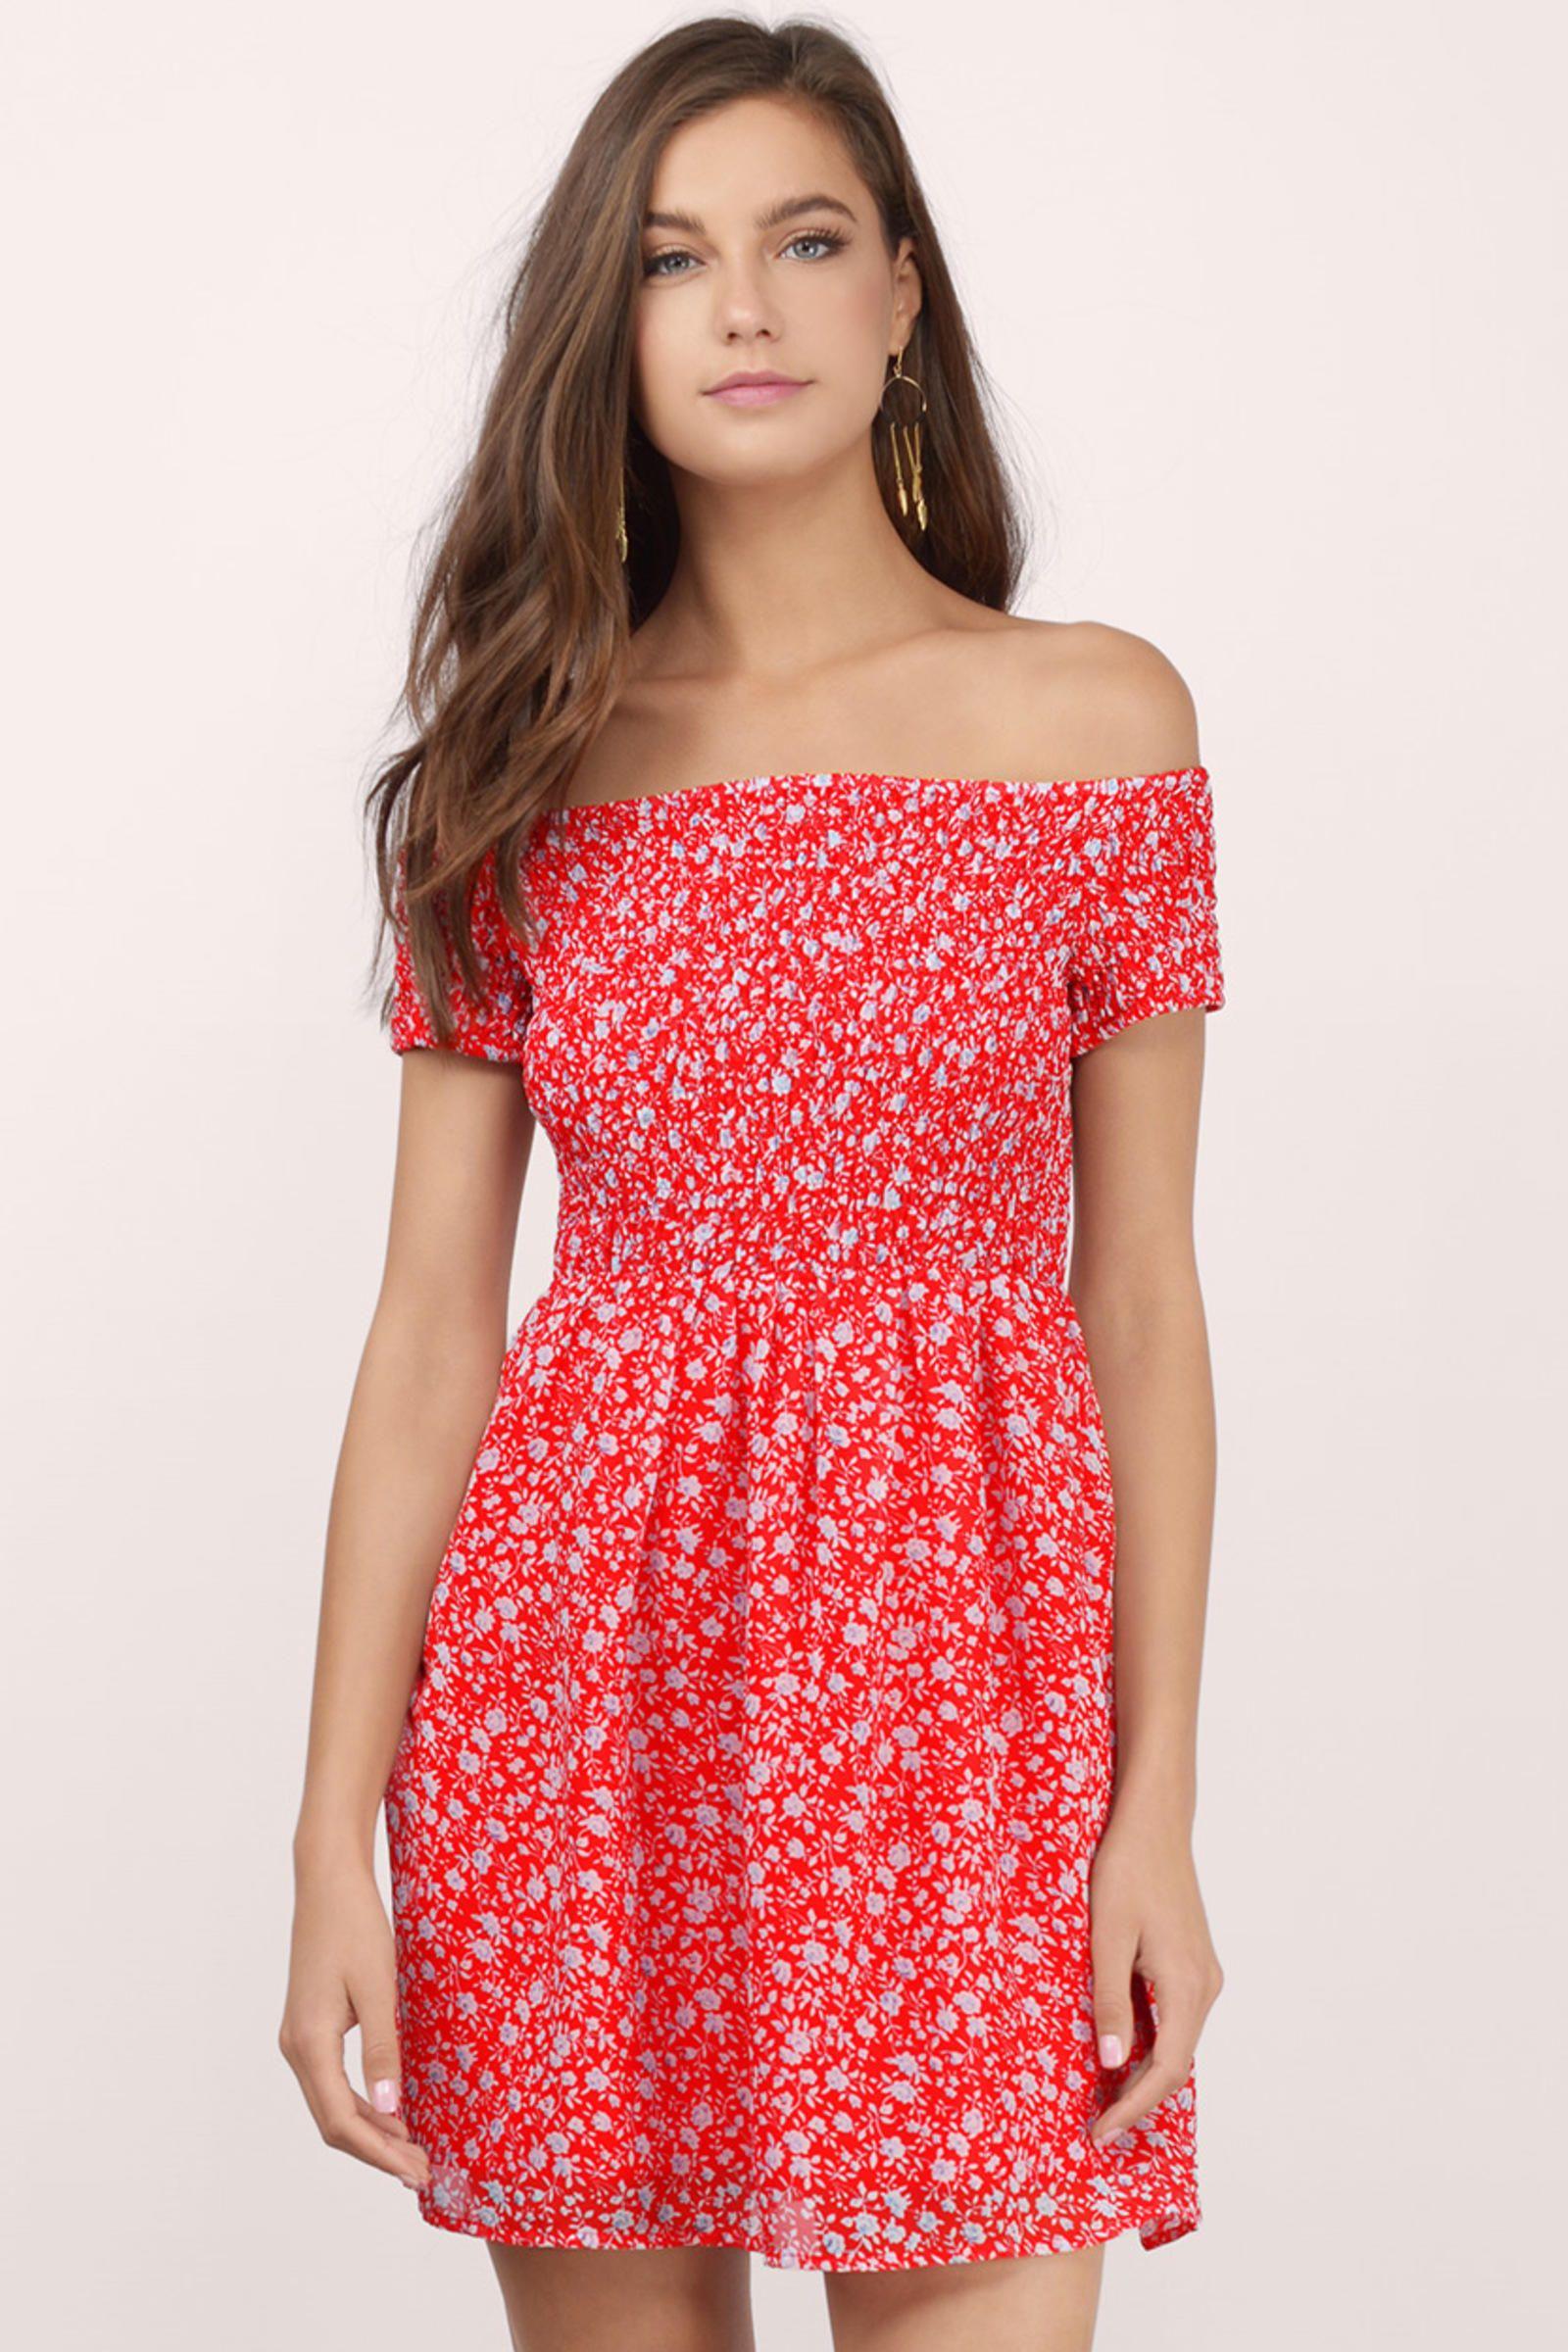 Rita off shoulder floral dress hotty toddy pinterest shoulder